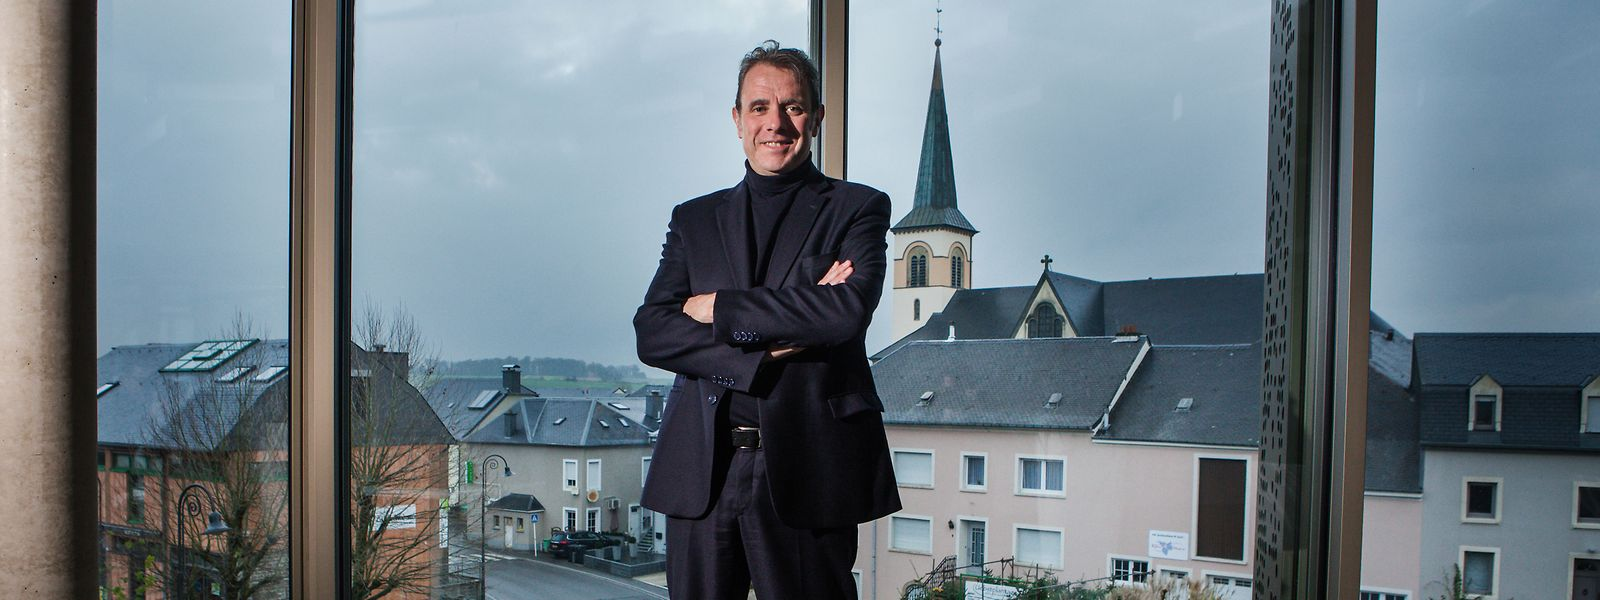 Félix Eischen a été élu bourgmestre de Kehlen en 2017.